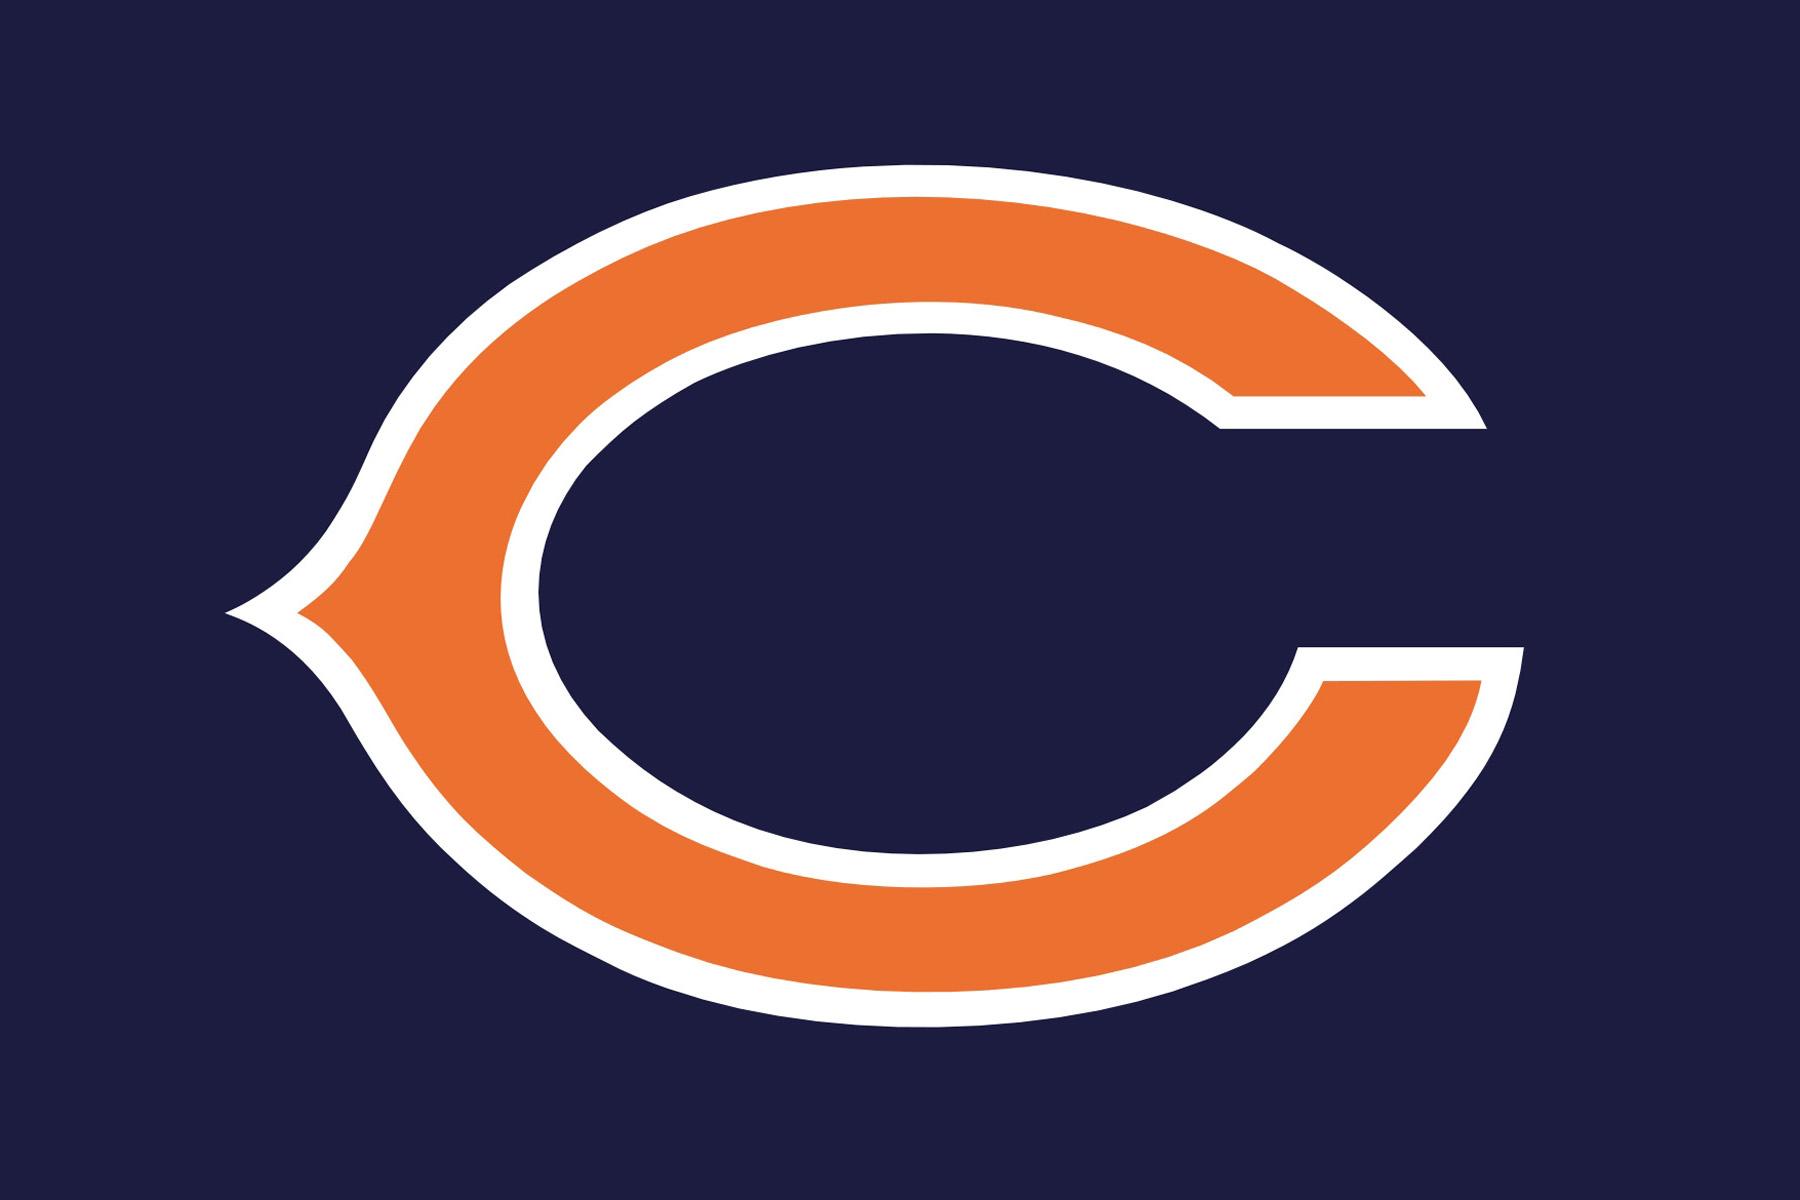 ... Chicago Bears Logo - ClipArt Best ..-... Chicago Bears Logo - ClipArt Best ...-9